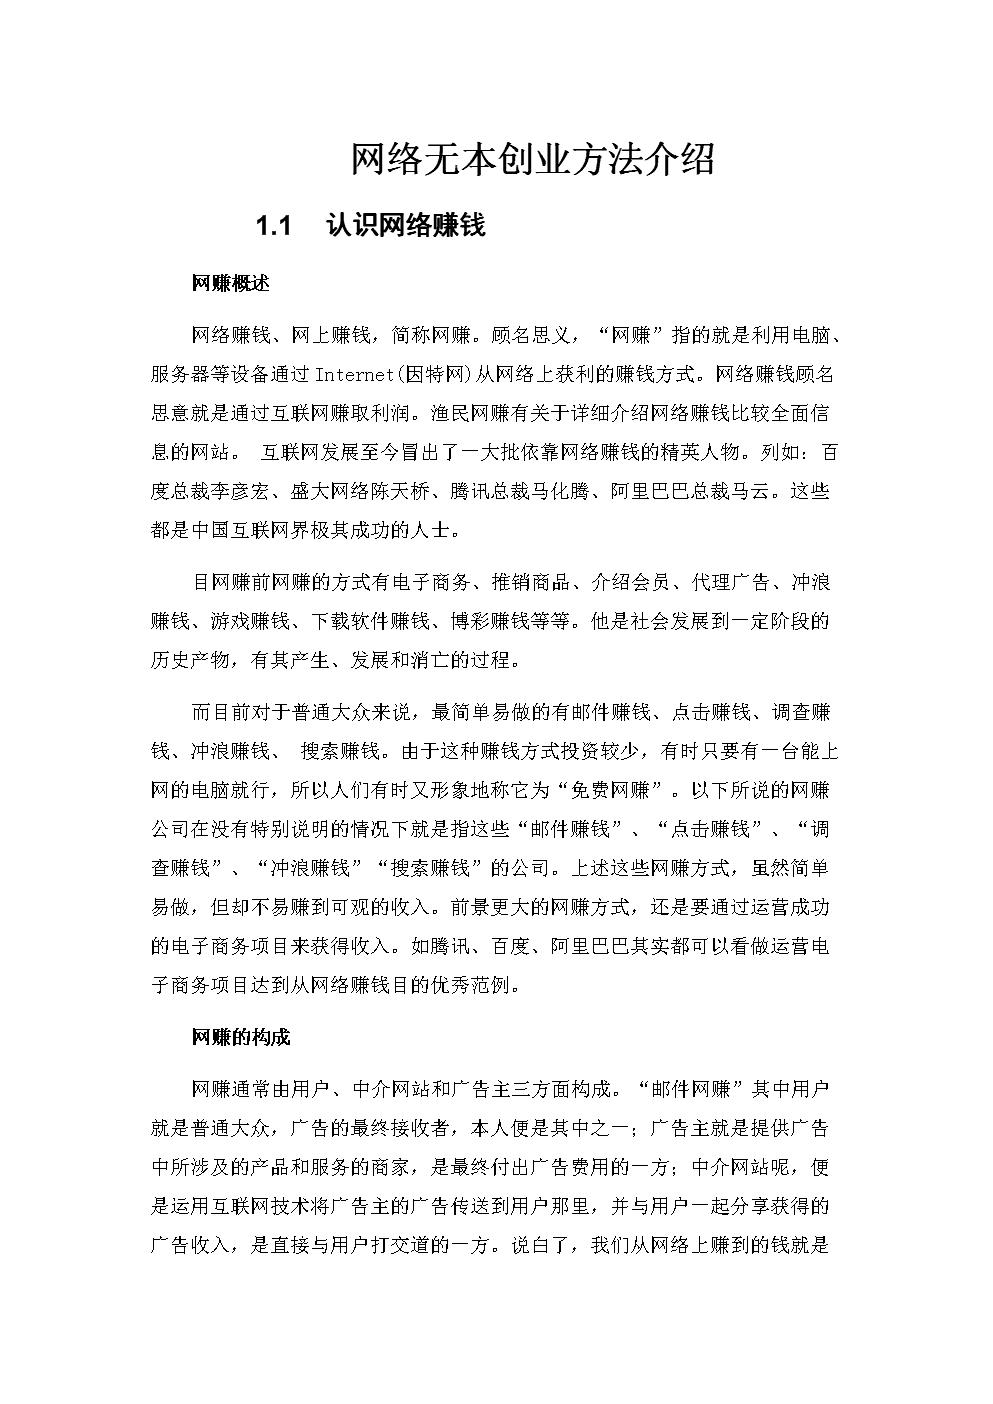 网络无本创业方法介绍.doc